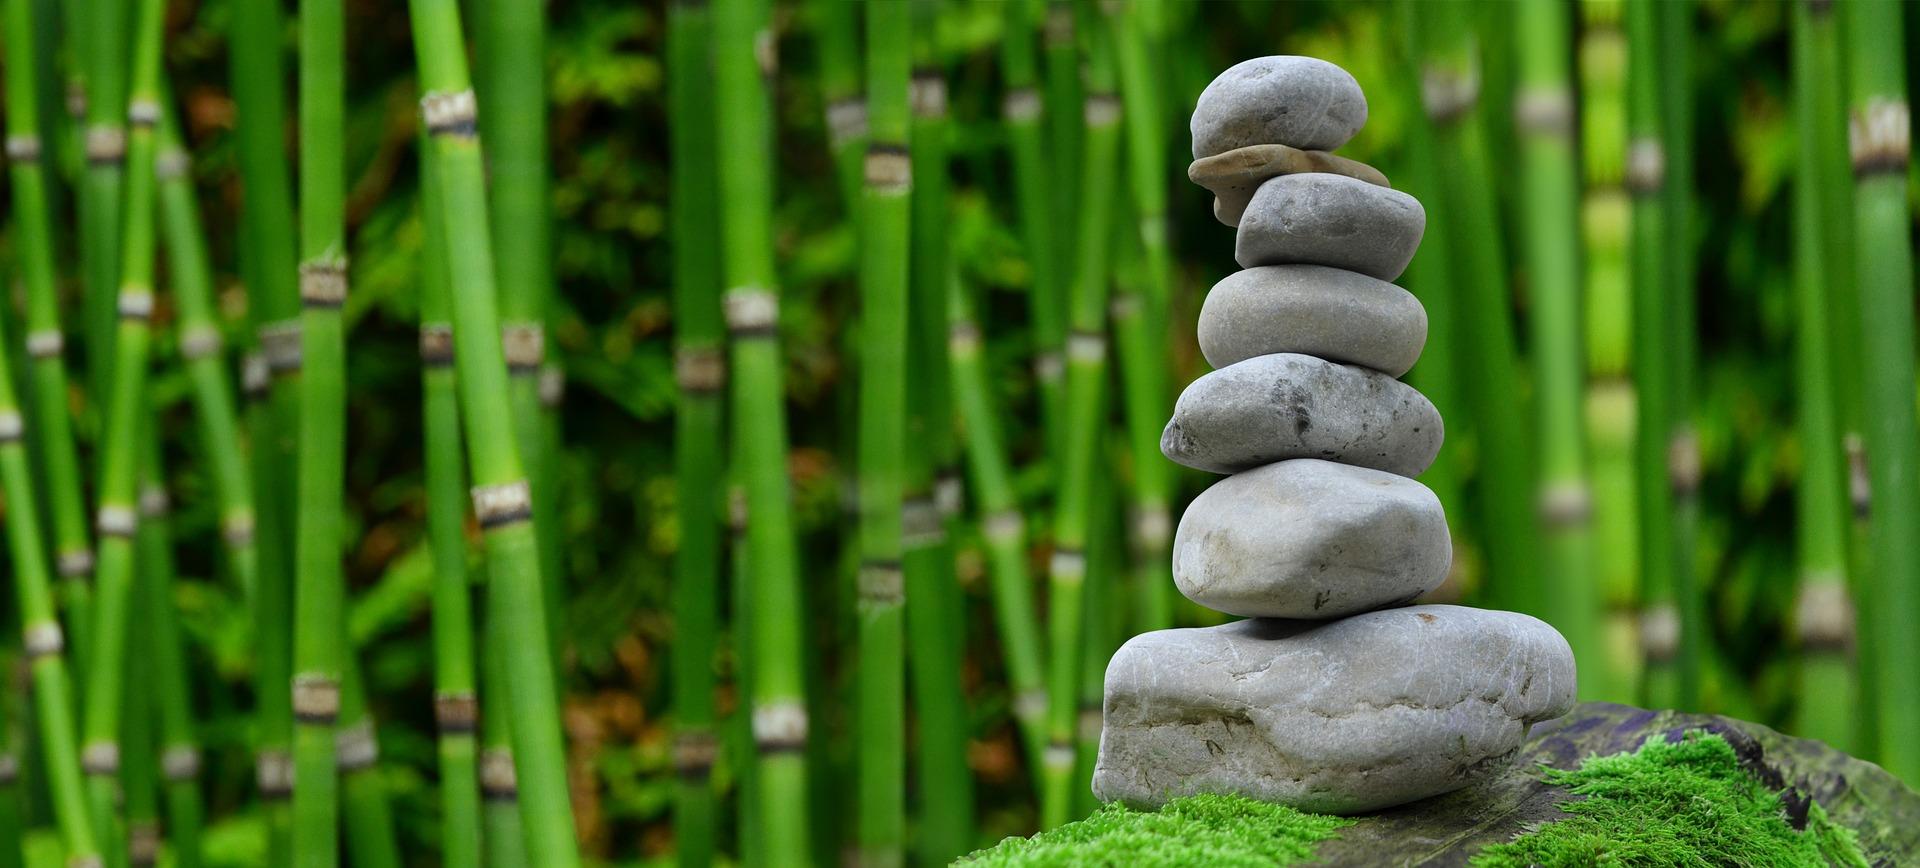 05-22-18 Meditation.jpg